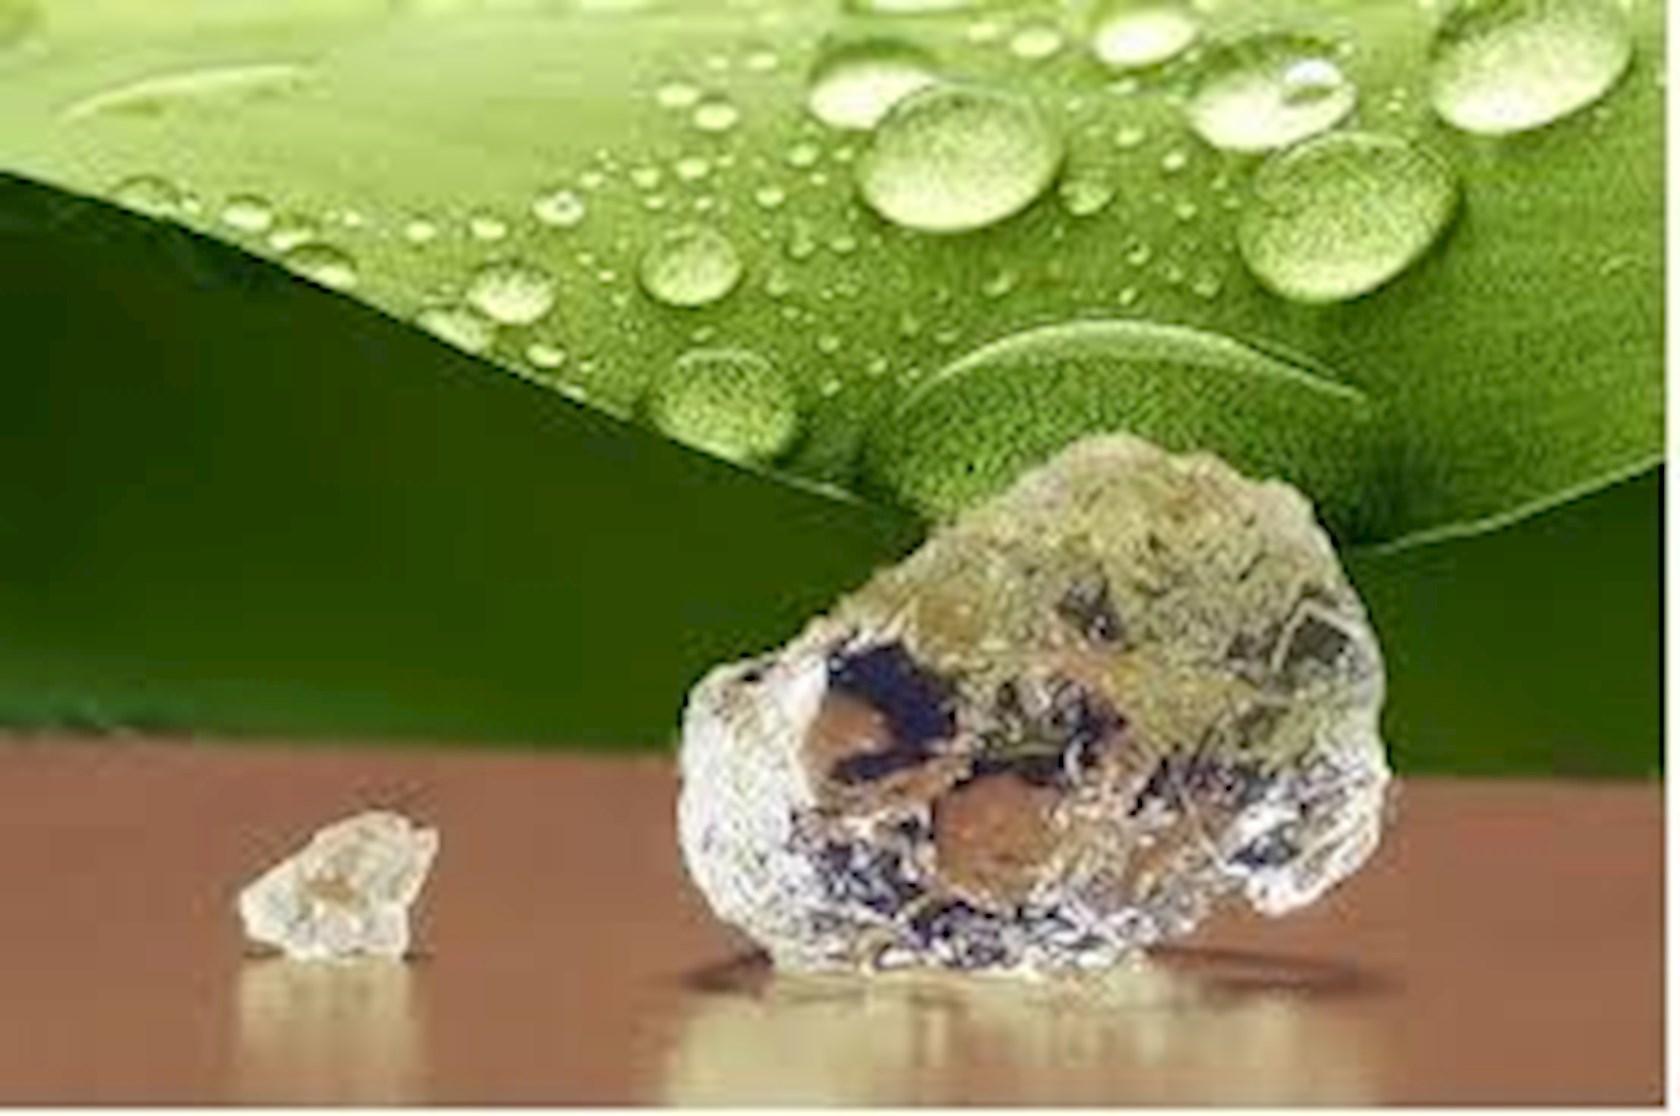 Watergelkristallen Stockosorb 660 medium - 25kg (minder water geven + voeding)